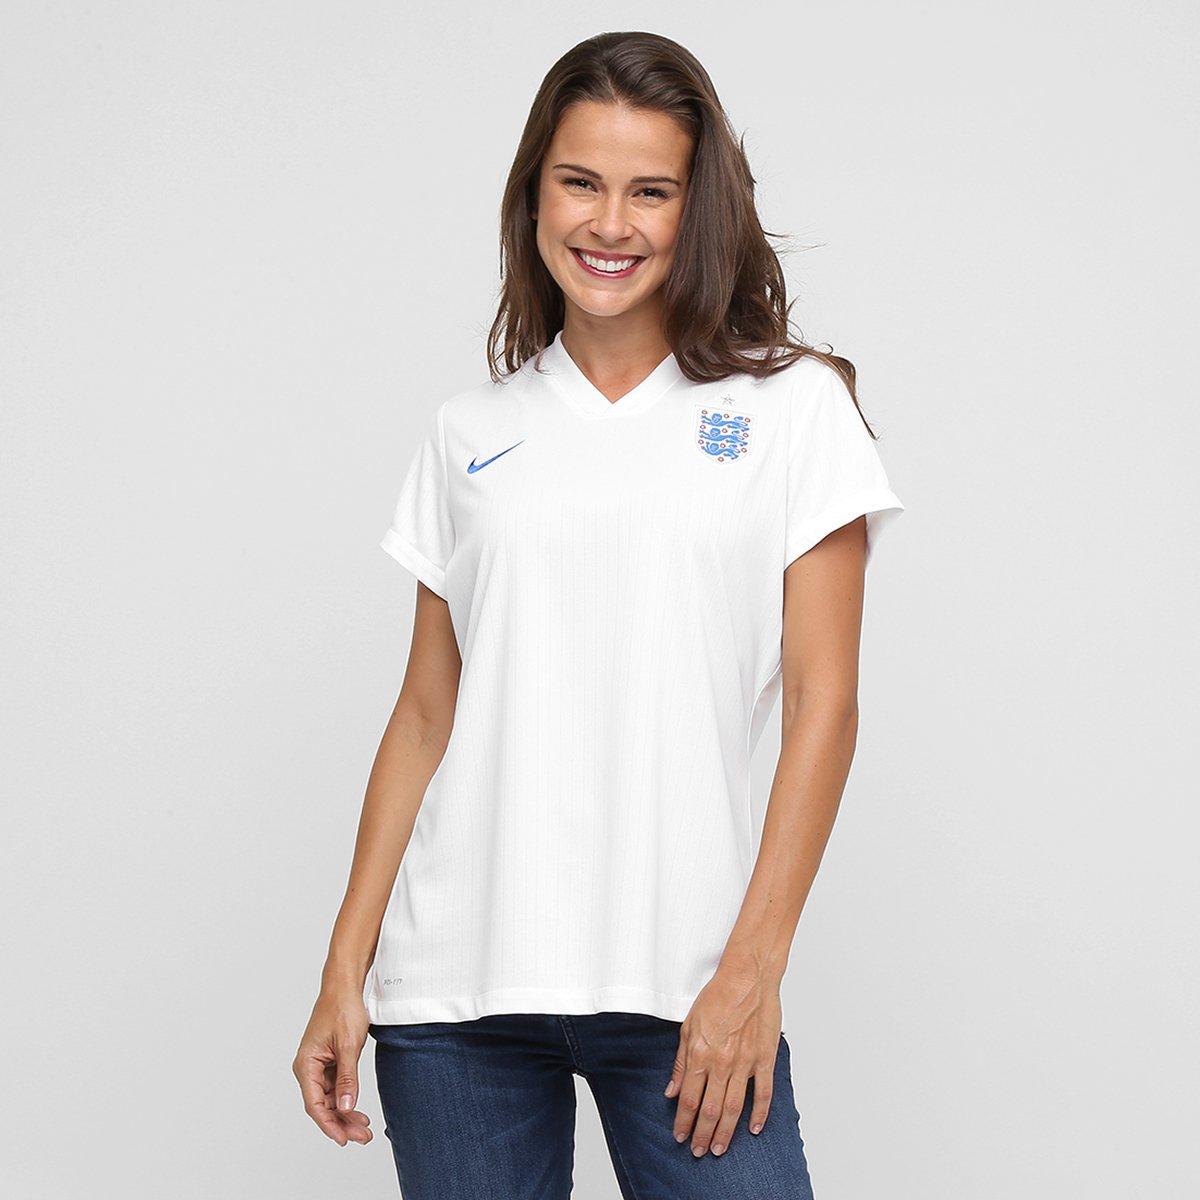 81e7813b08 Camisa Feminina Nike Seleção Inglaterra Home 2014 s nº - Compre Agora